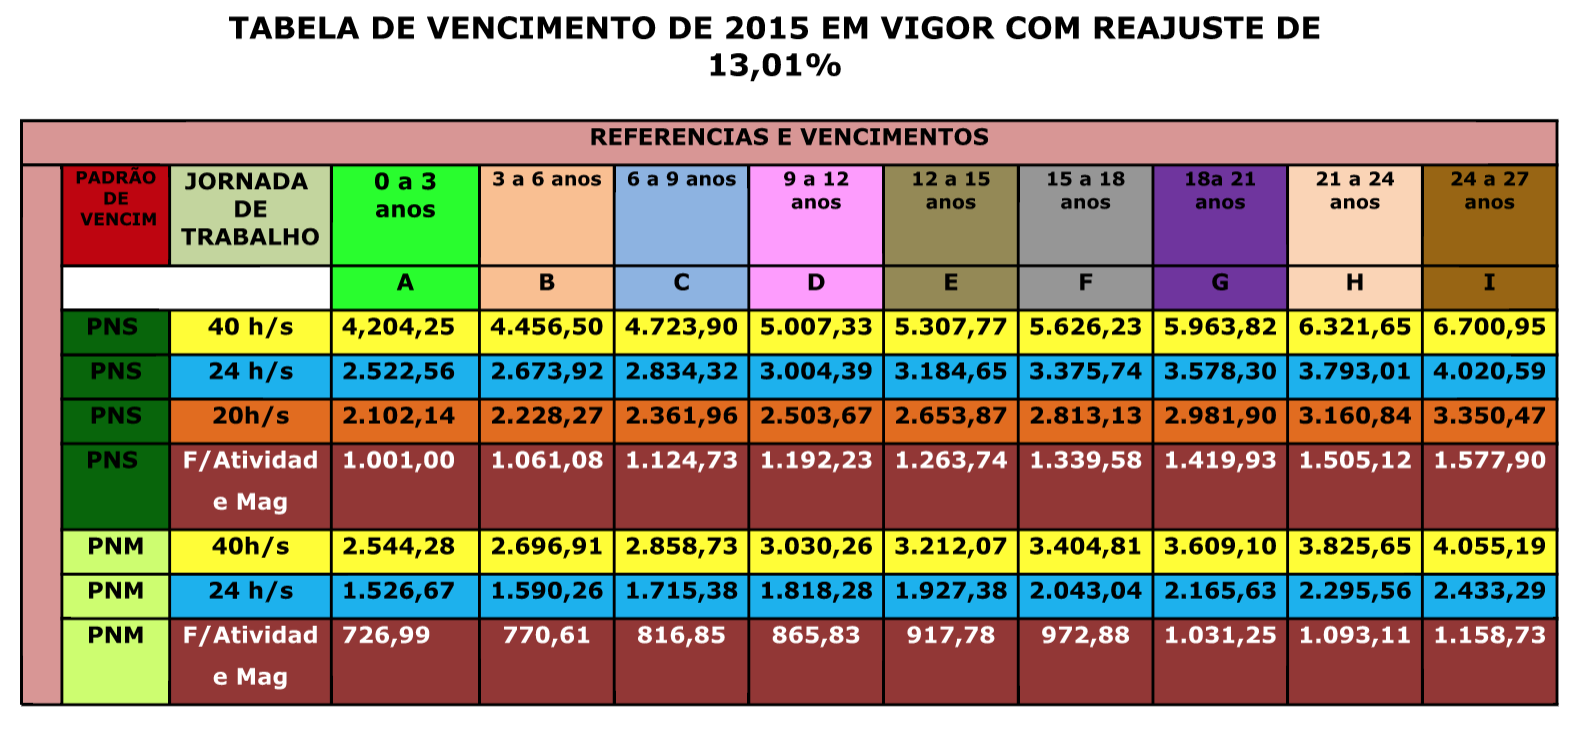 TABELA DE VENCIMENTO 2015 COM REAJUSTE 13,01